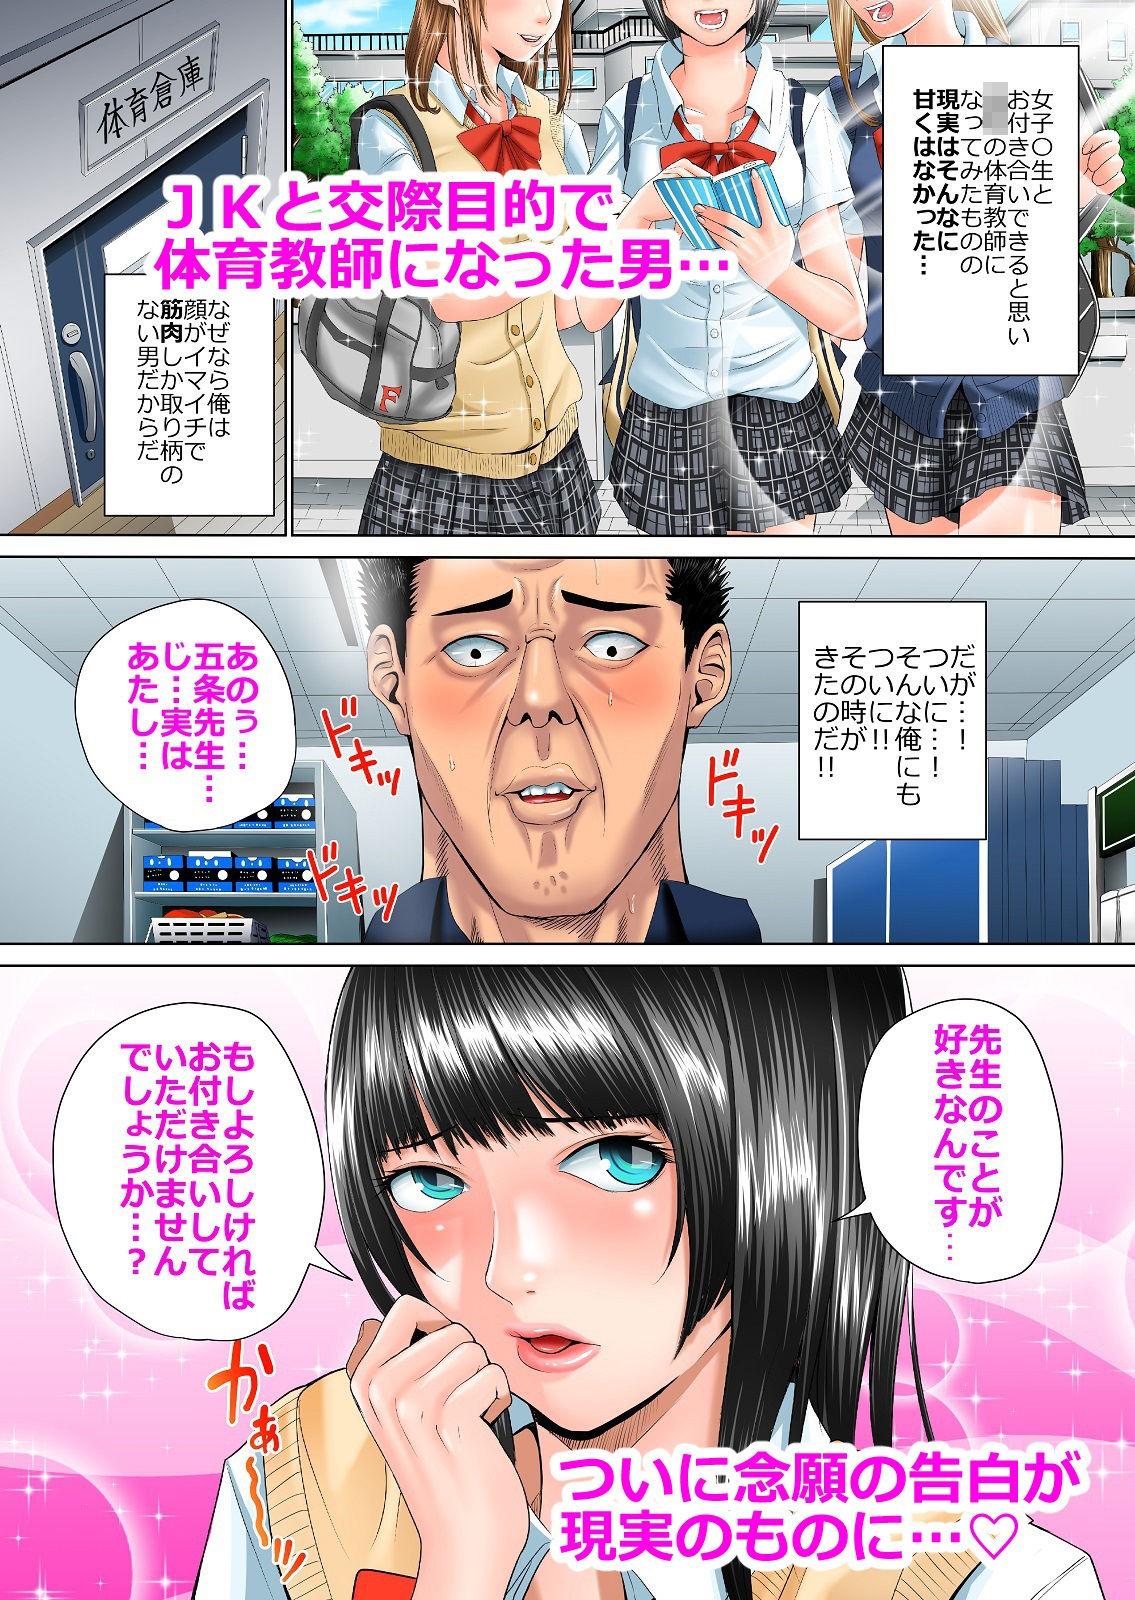 【Xぴえろ 同人】フェチジョ!